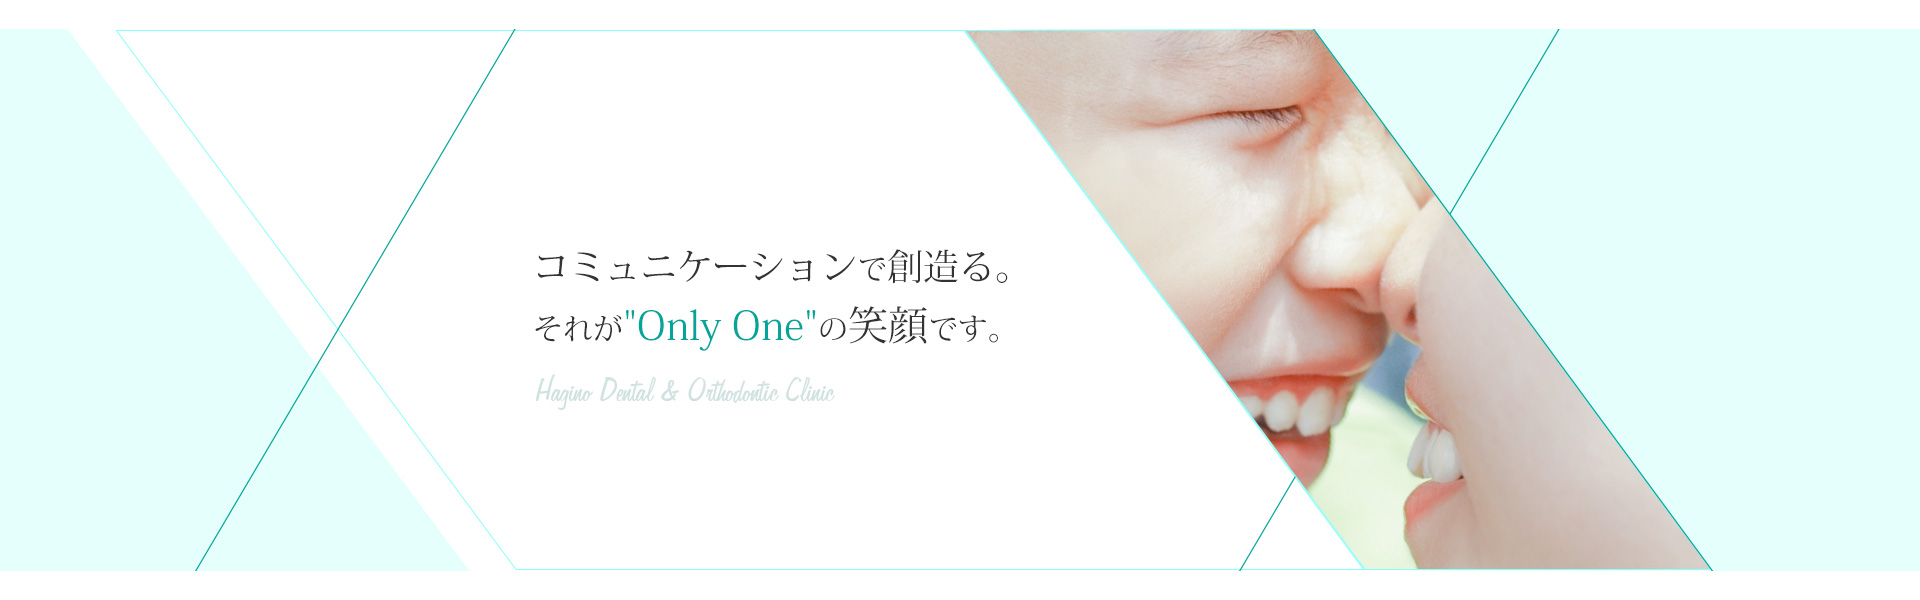 """コミュニケーションで創造る。それが""""Only One""""の笑顔です。"""